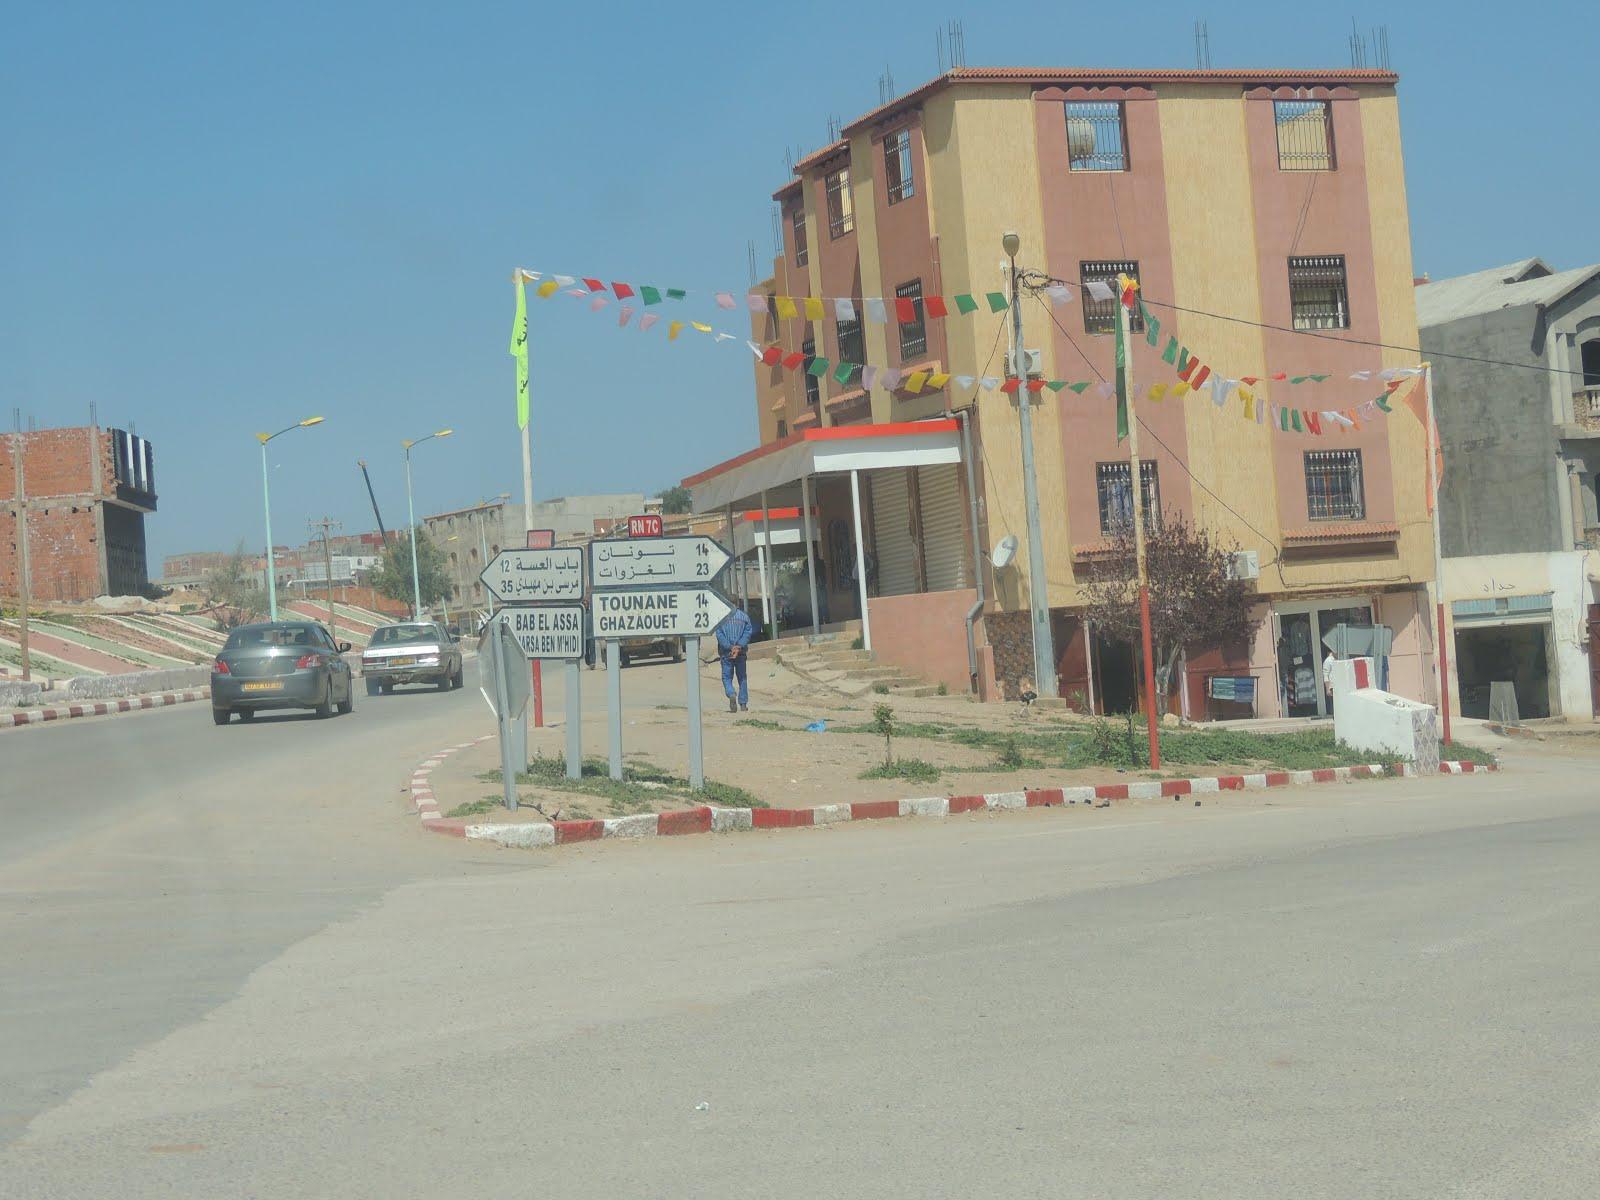 Sidi Boujnane - 2016